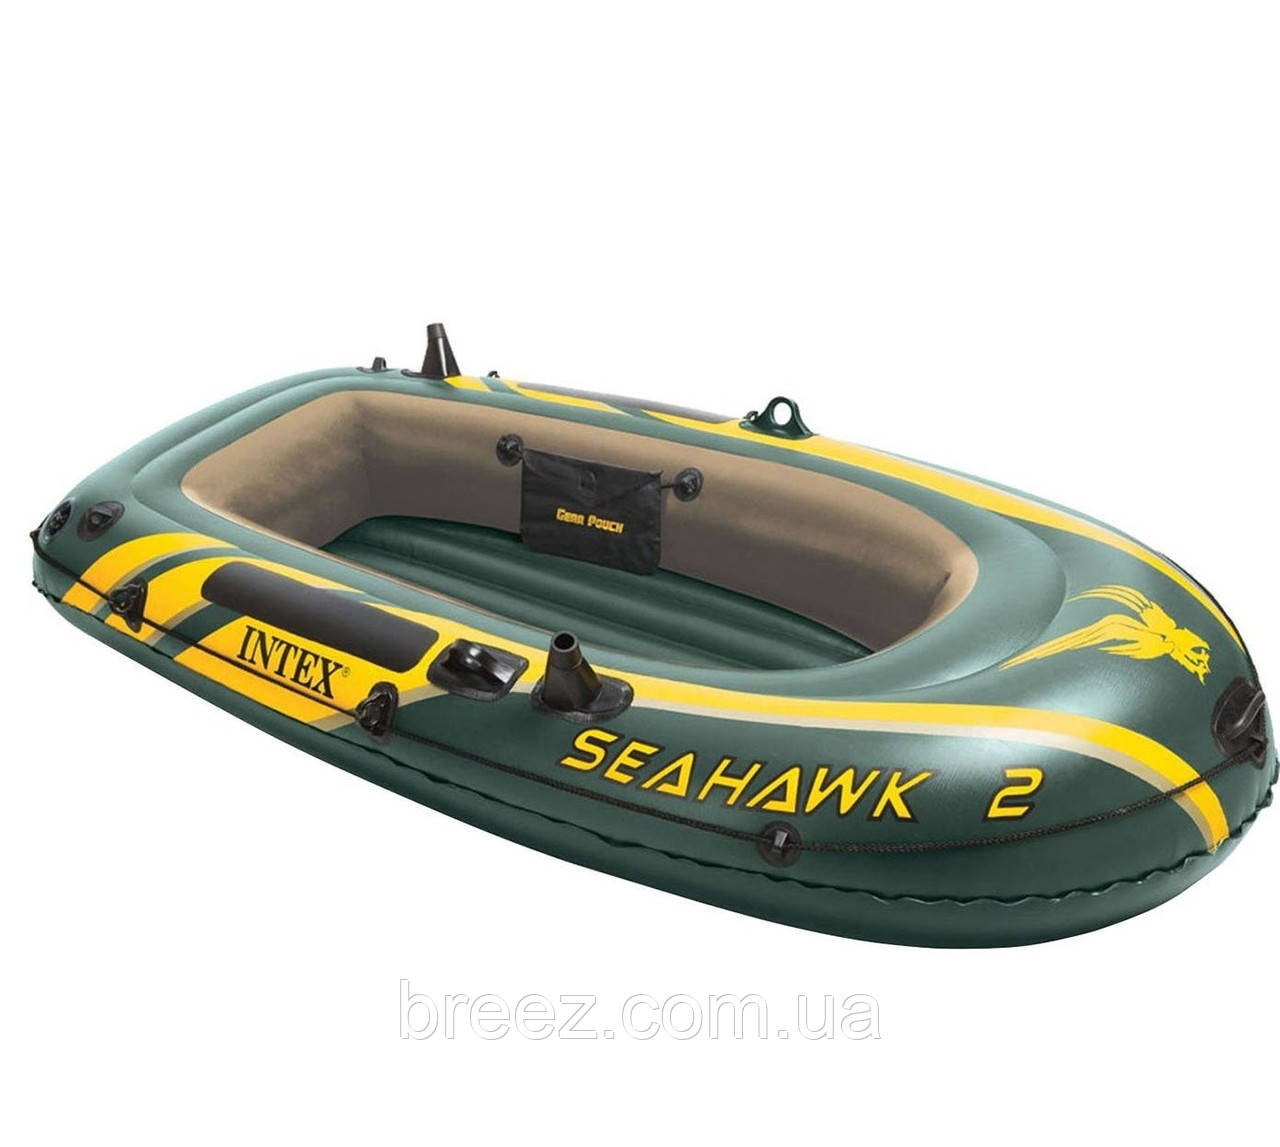 Двухместная надувная лодка Intex 68347 Seahawk 2 Set, 236 х 114 х 41 см